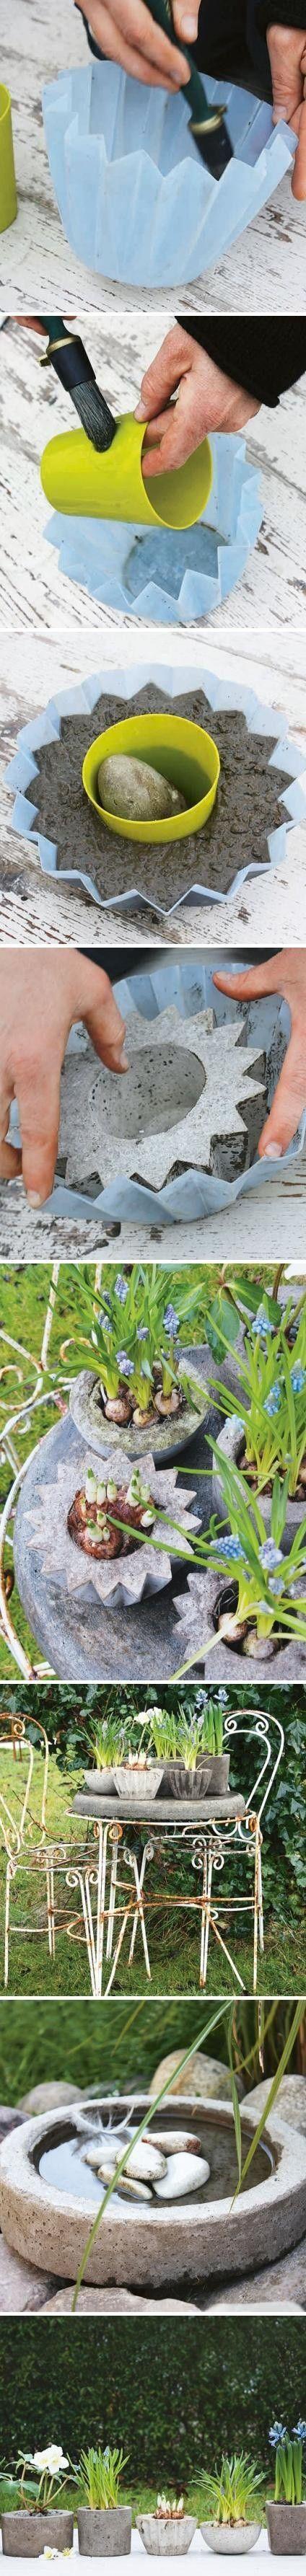 gartendeko zum selbermachen anleitung beton blumentöpfe kübel diy